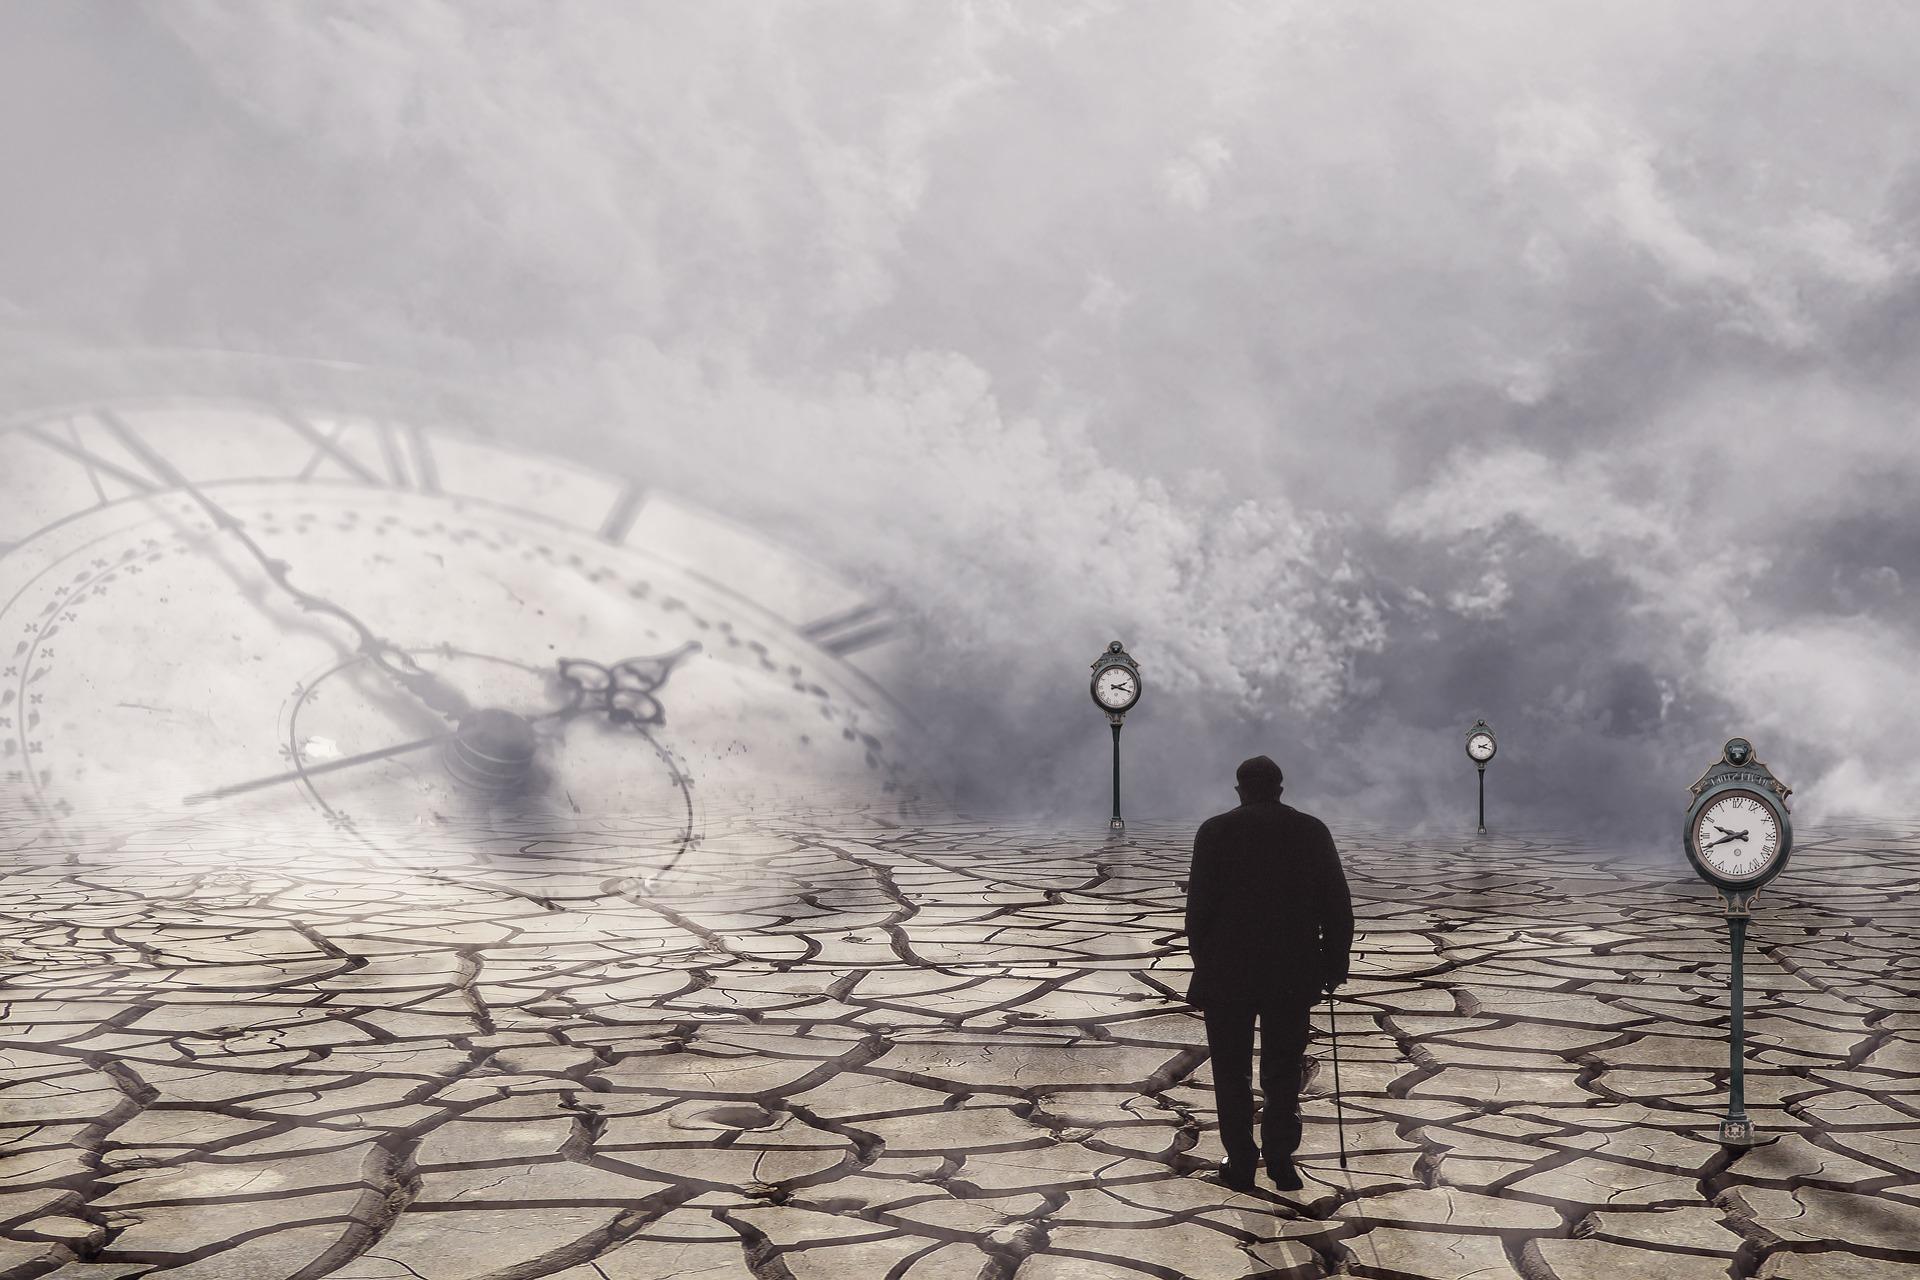 El calor extremo podría hacer peligrar millones de puestos de trabajo